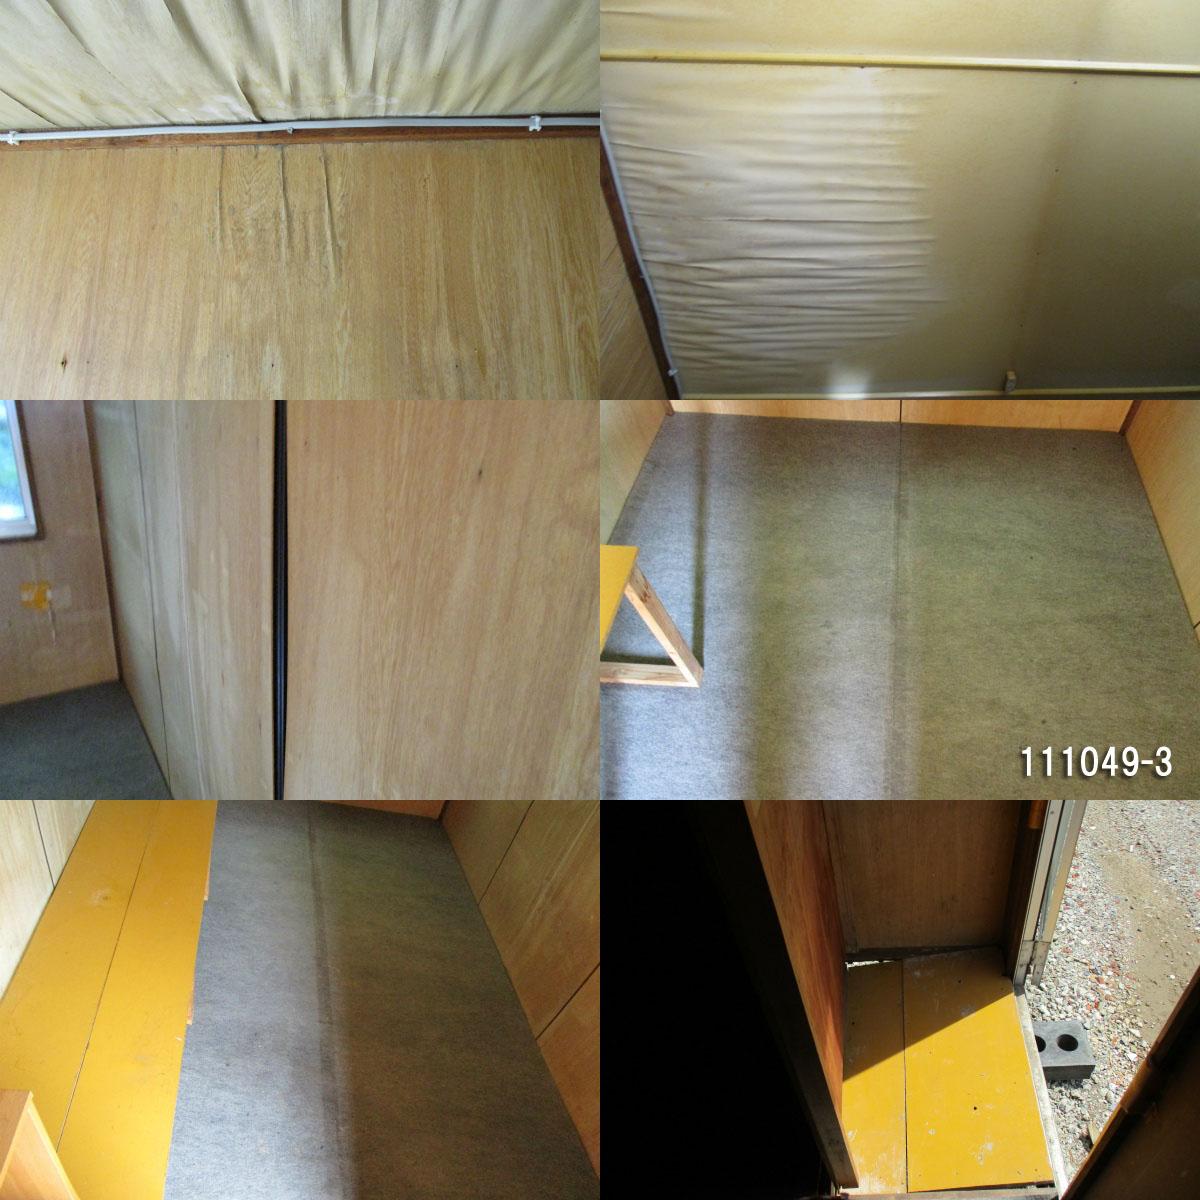 【111049】【】「格安現状販売」3.7mユニットハウス・プレハブ・事務所・休憩室・倉庫